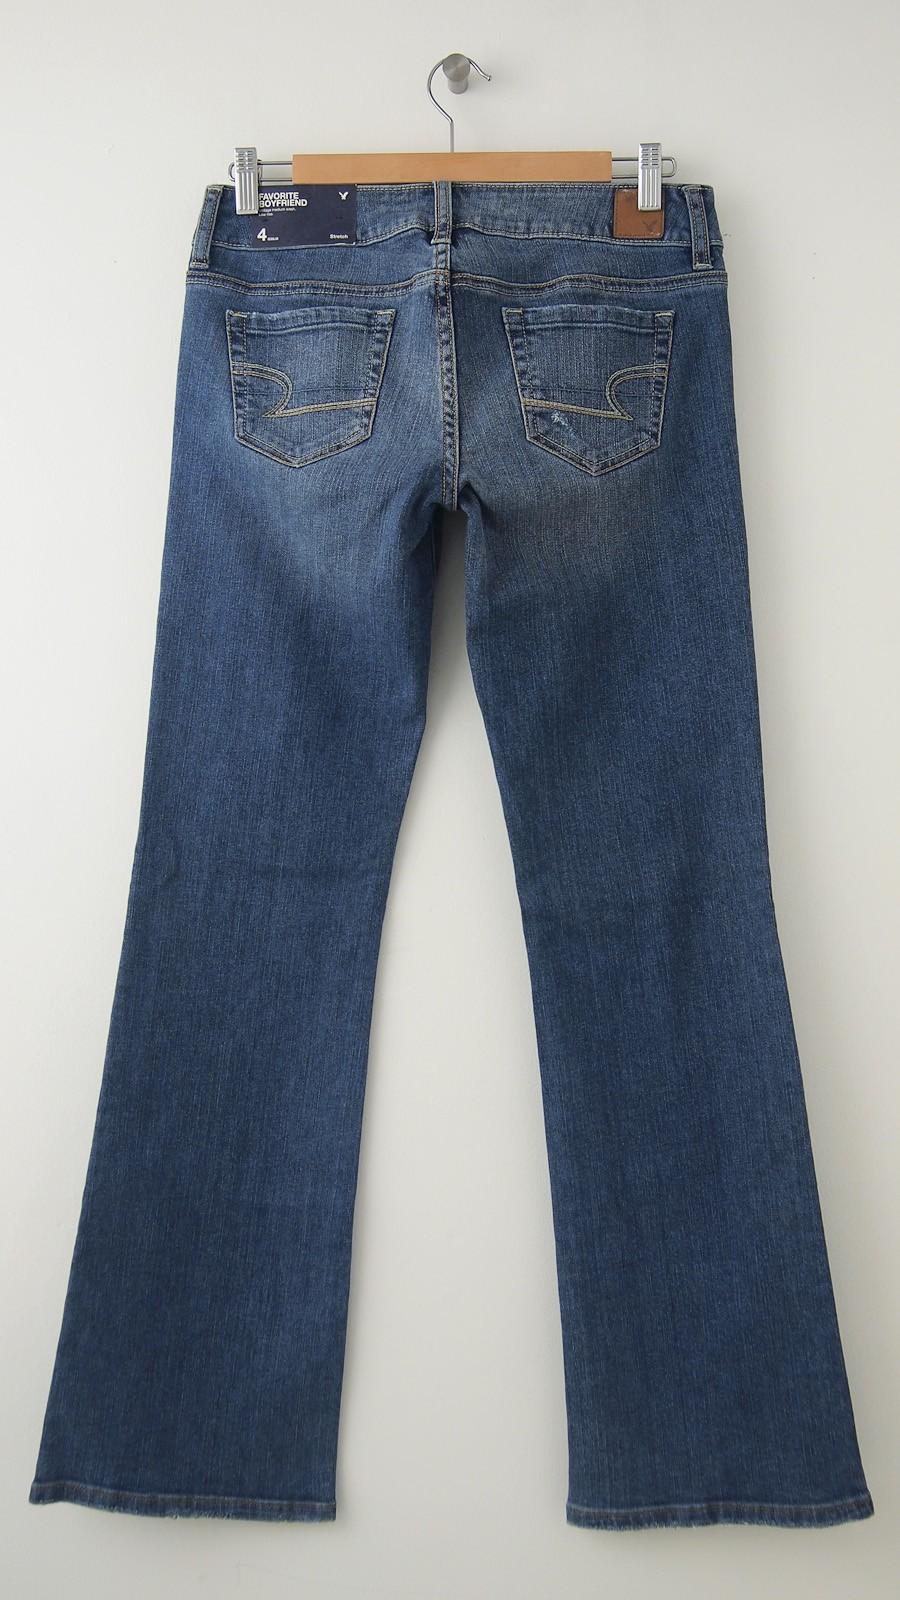 American Eagle Outfitters Favorite Boyfriend Jeans Women's ...